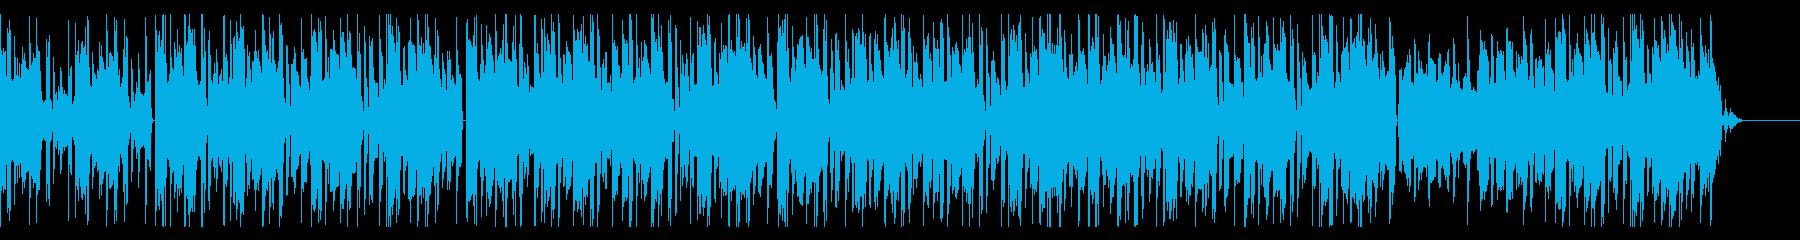 90年代R&BをLO-FIHOPアレンジの再生済みの波形